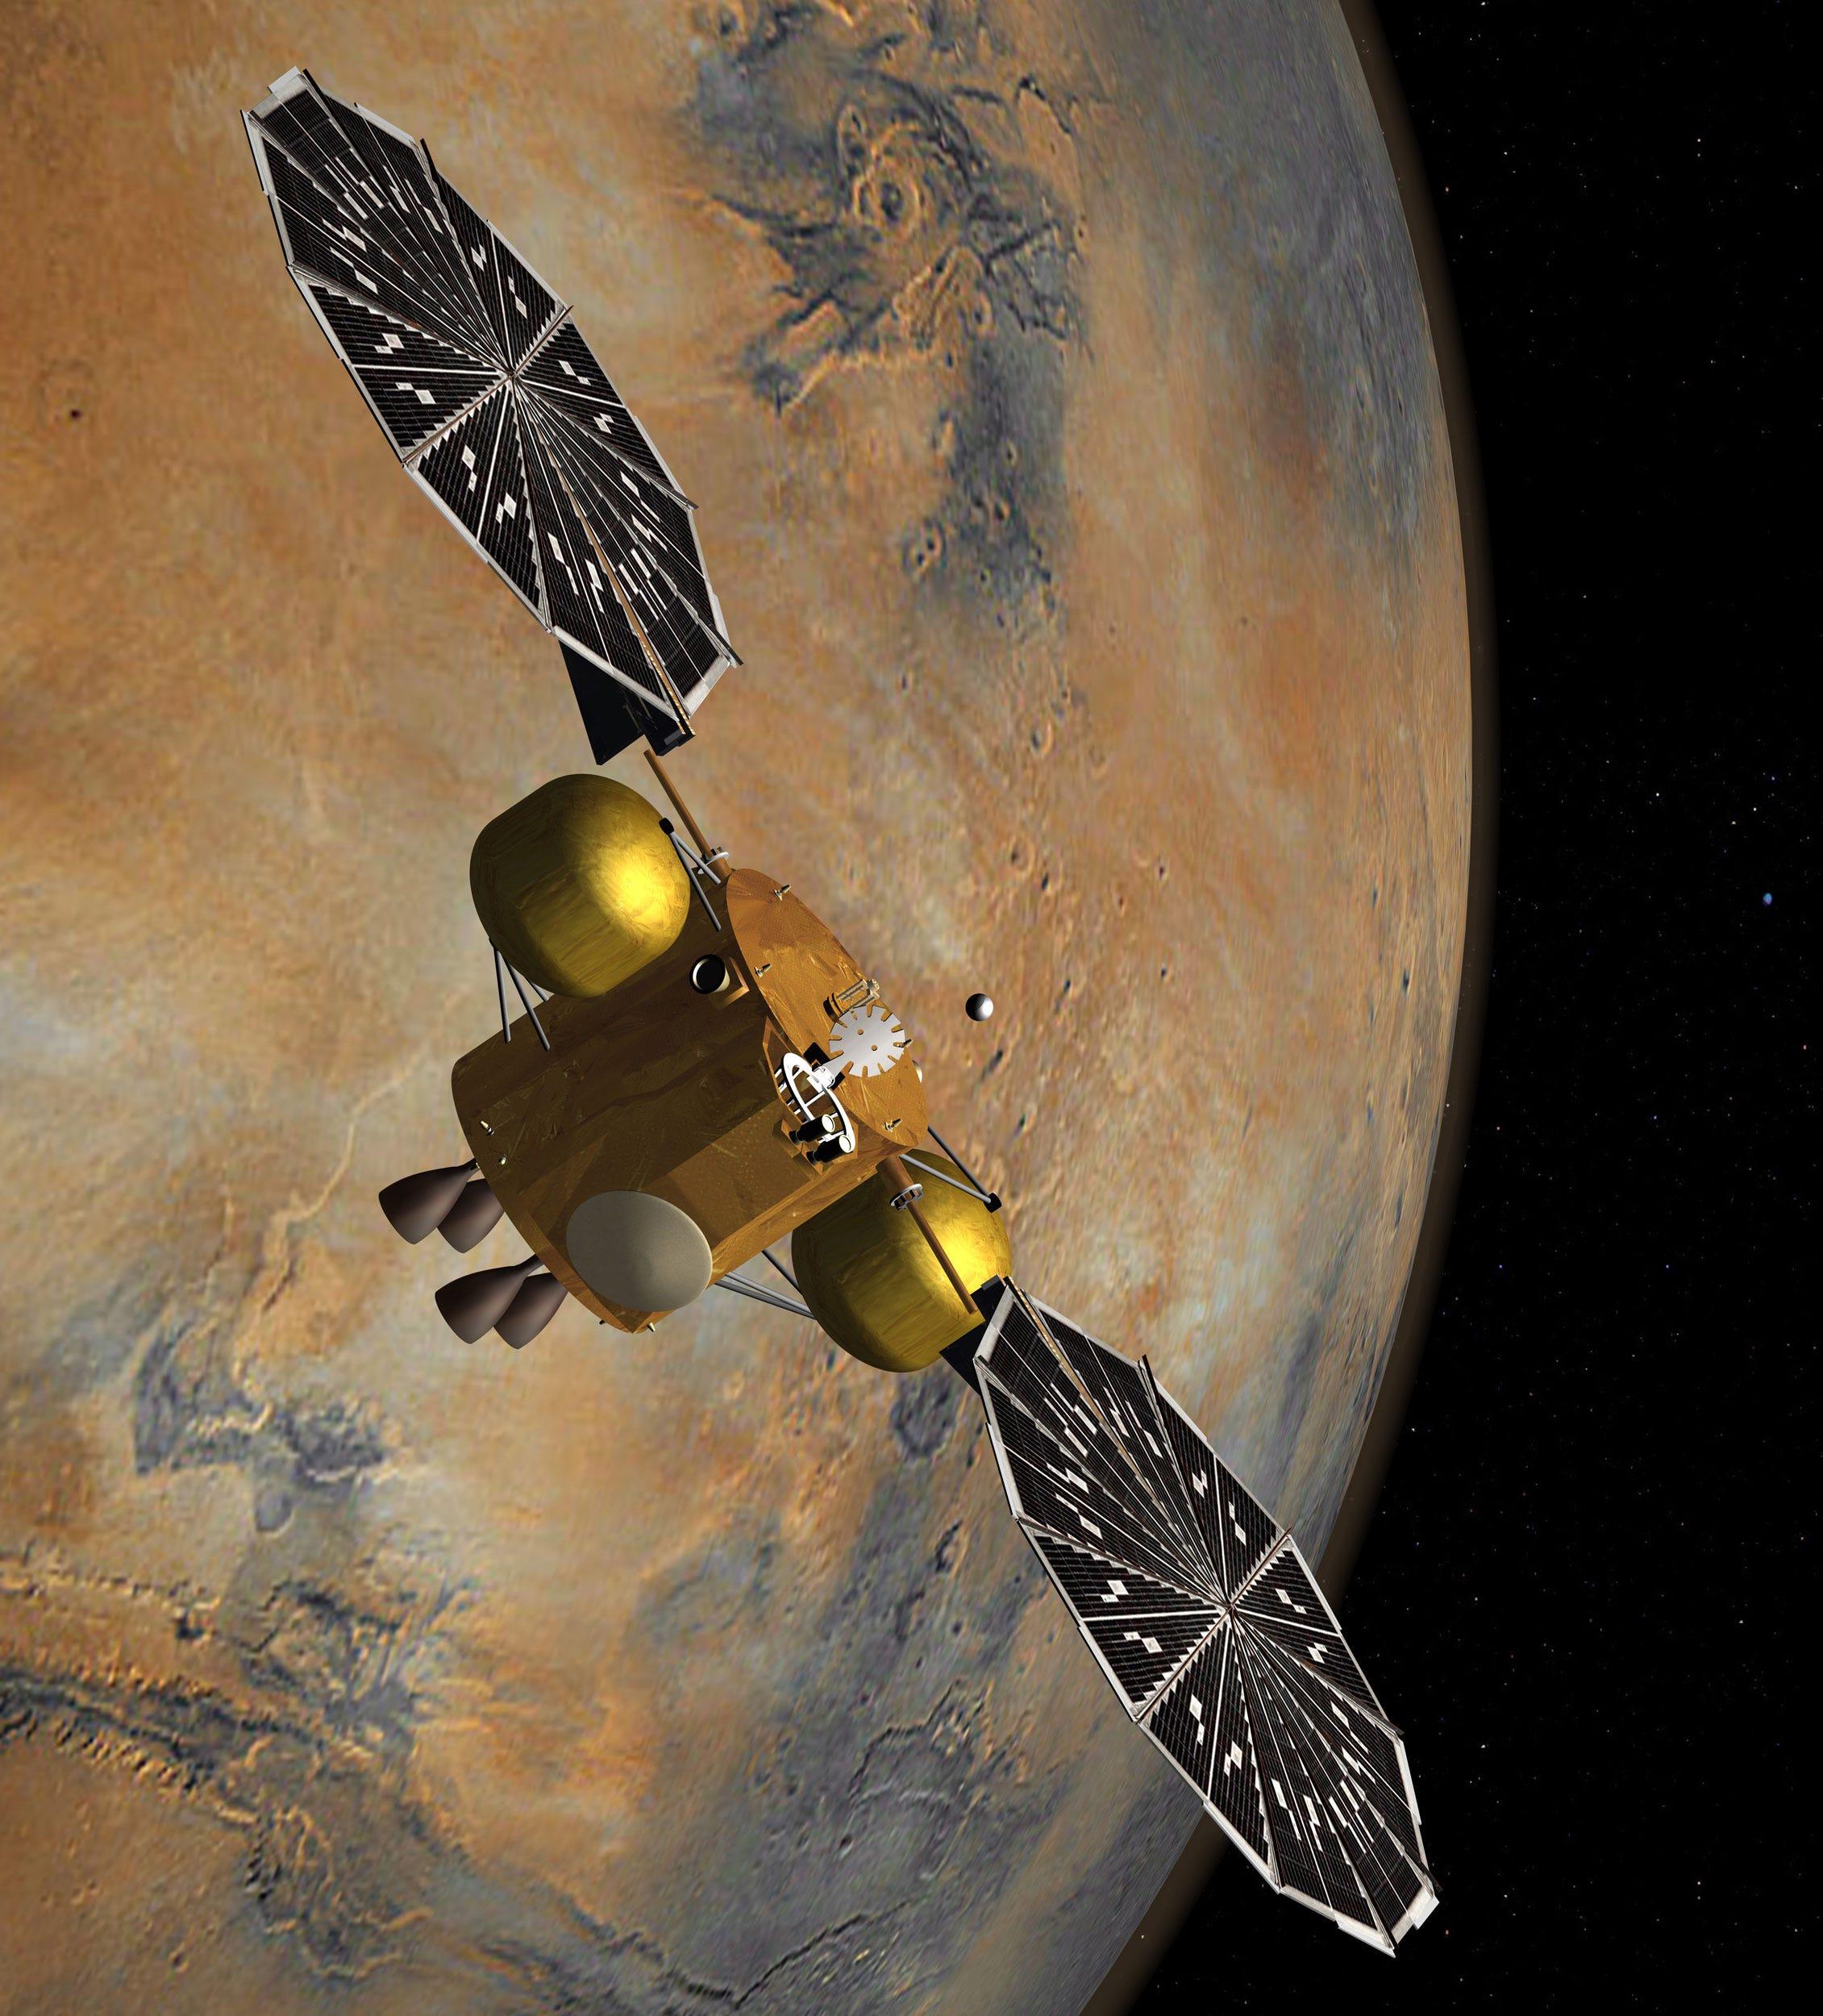 illustrazione di un veicolo spaziale orbitante su Marte che cattura un piccolo contenitore di campioni